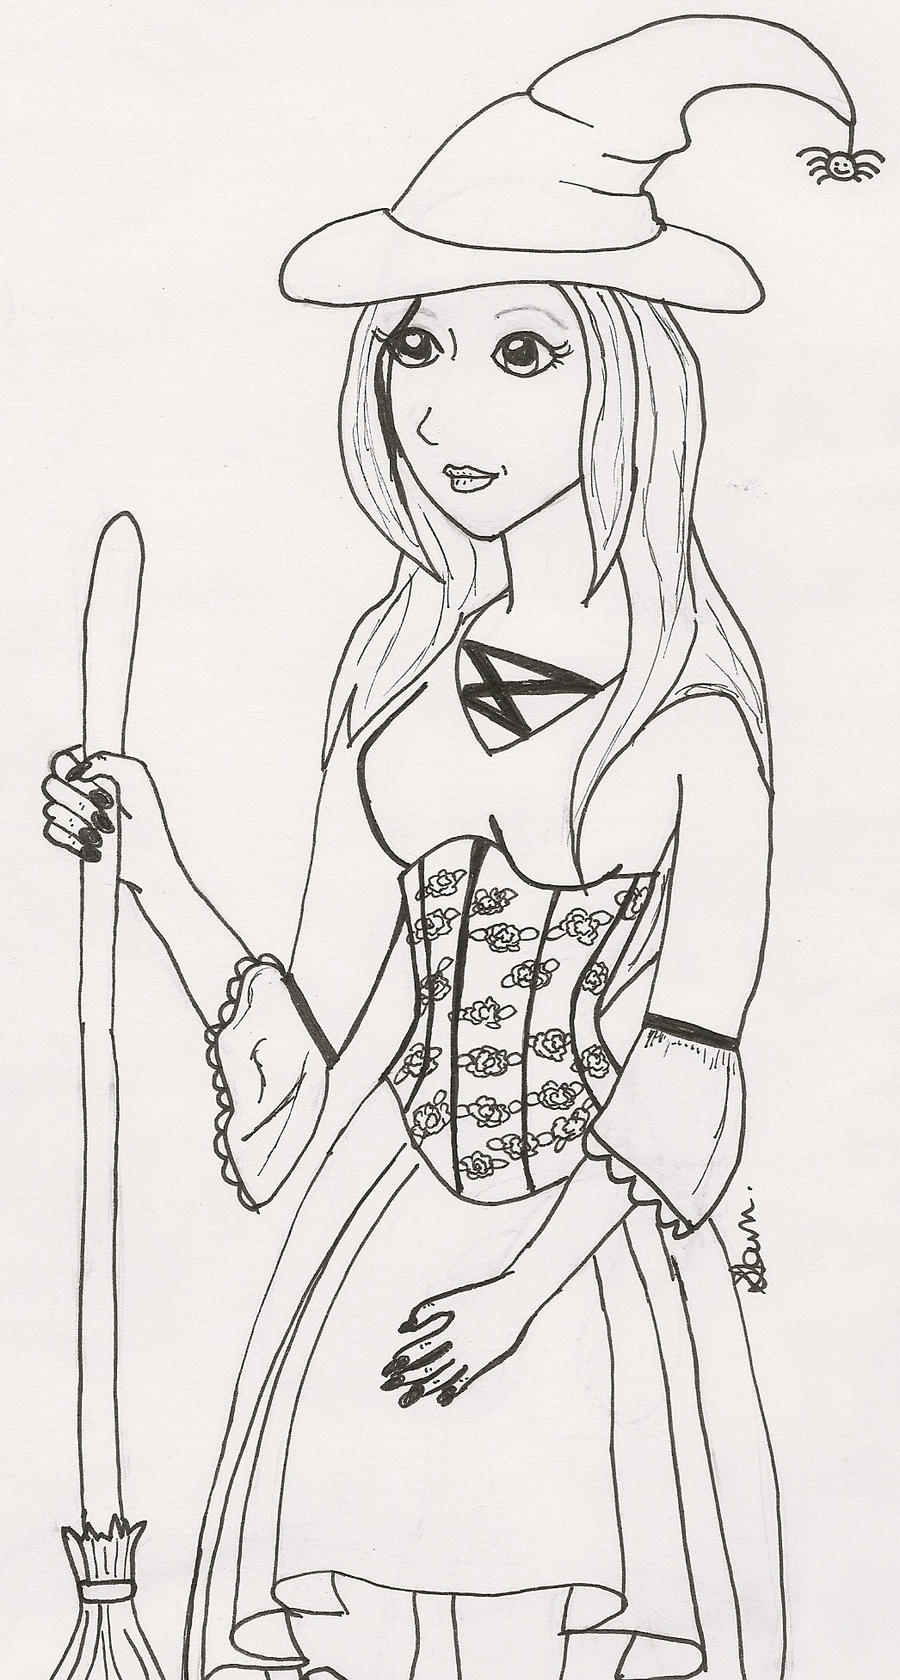 halloween costume line drawing by crimsonangel666 halloween costume line drawing by crimsonangel666 - Drawings Of Halloween Pictures